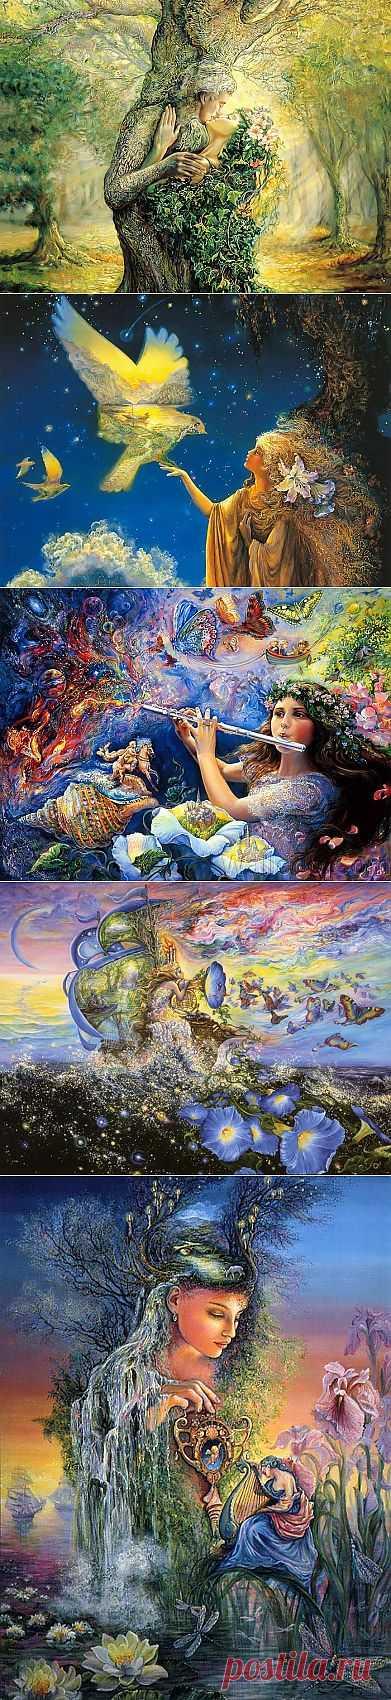 Необыкновенный мир Жозефины Уолл! Волшебный сон, сказка!